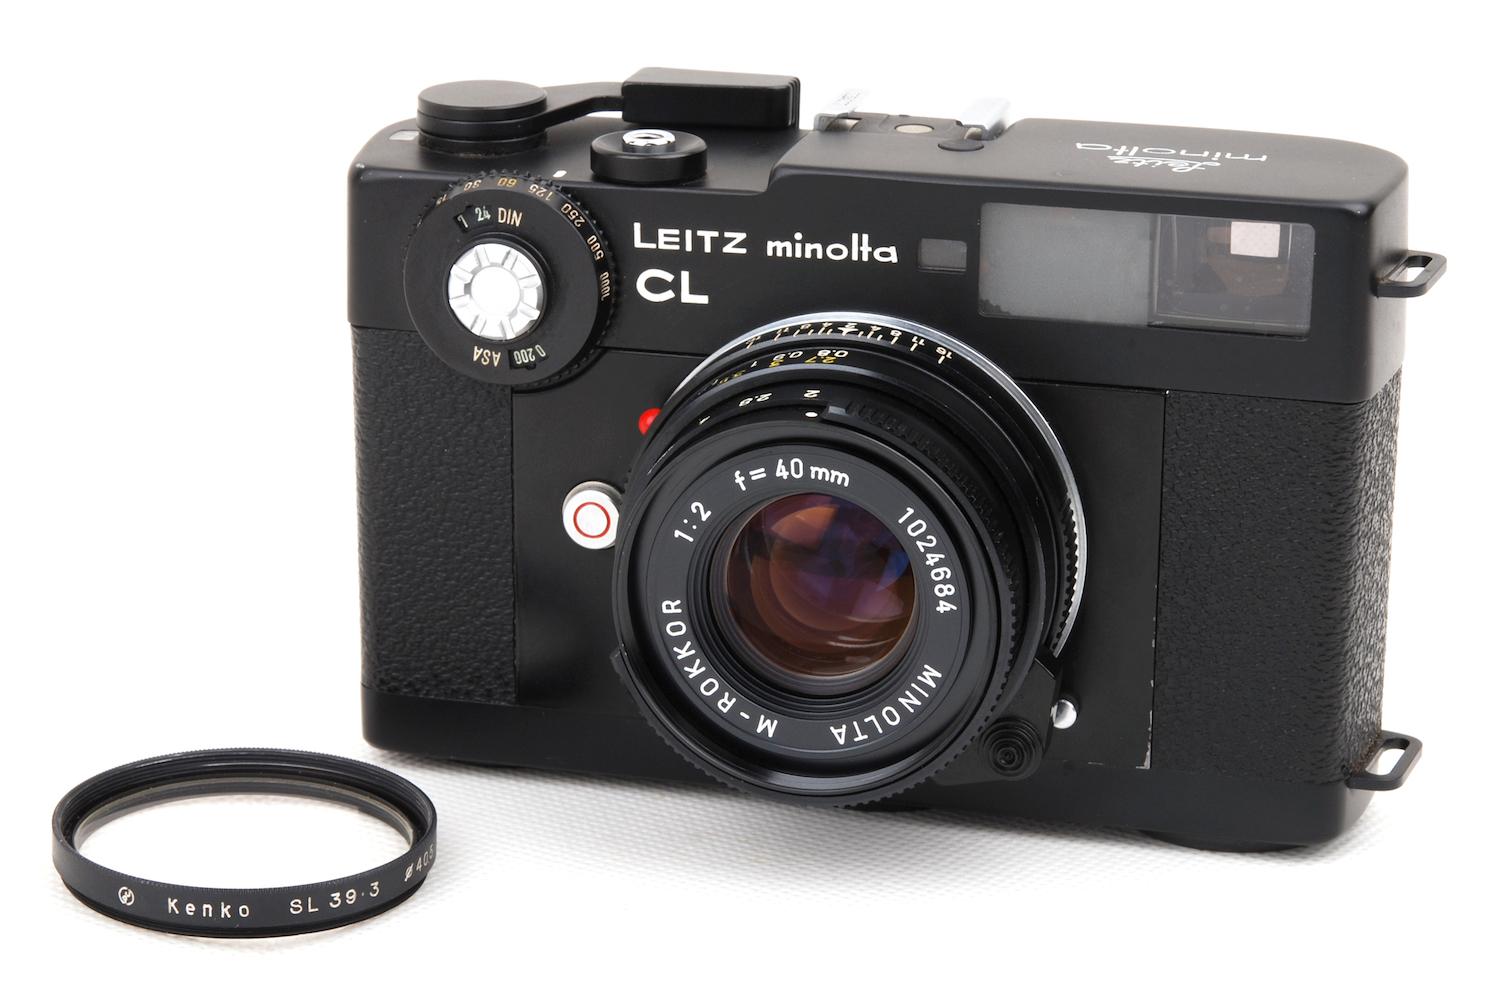 美品 Leica オリジナル ライカ leitz minolta CL #jp24379 未使用品 M-Rokkor-QF 2 レンズセット 40 +